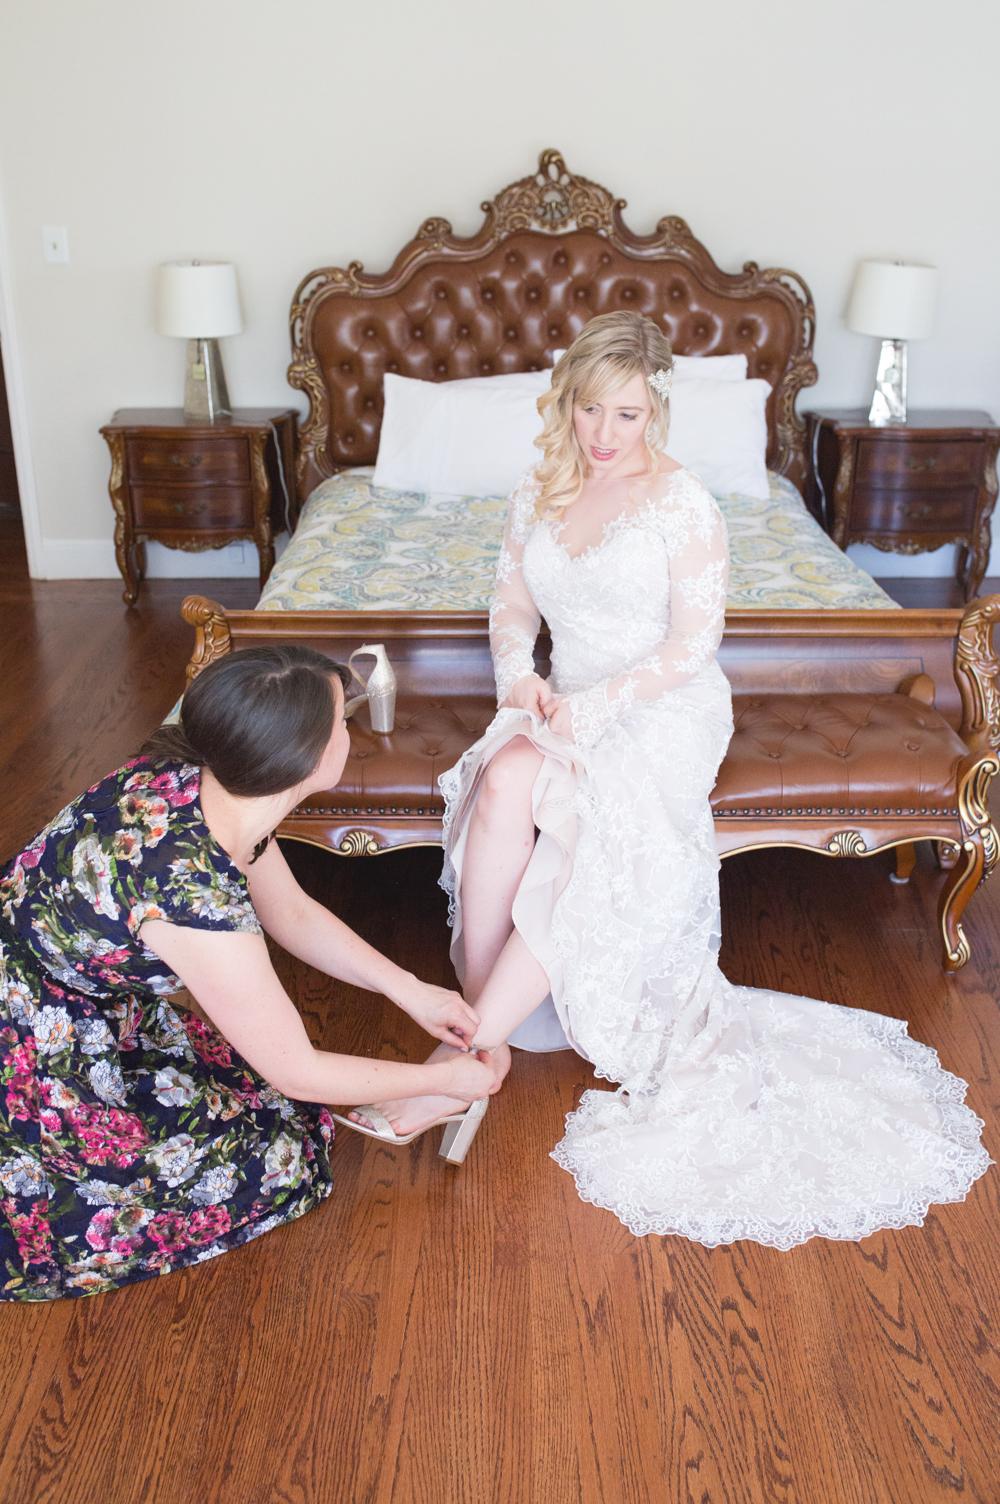 wedding-sf-bride-getting-ready.jpg